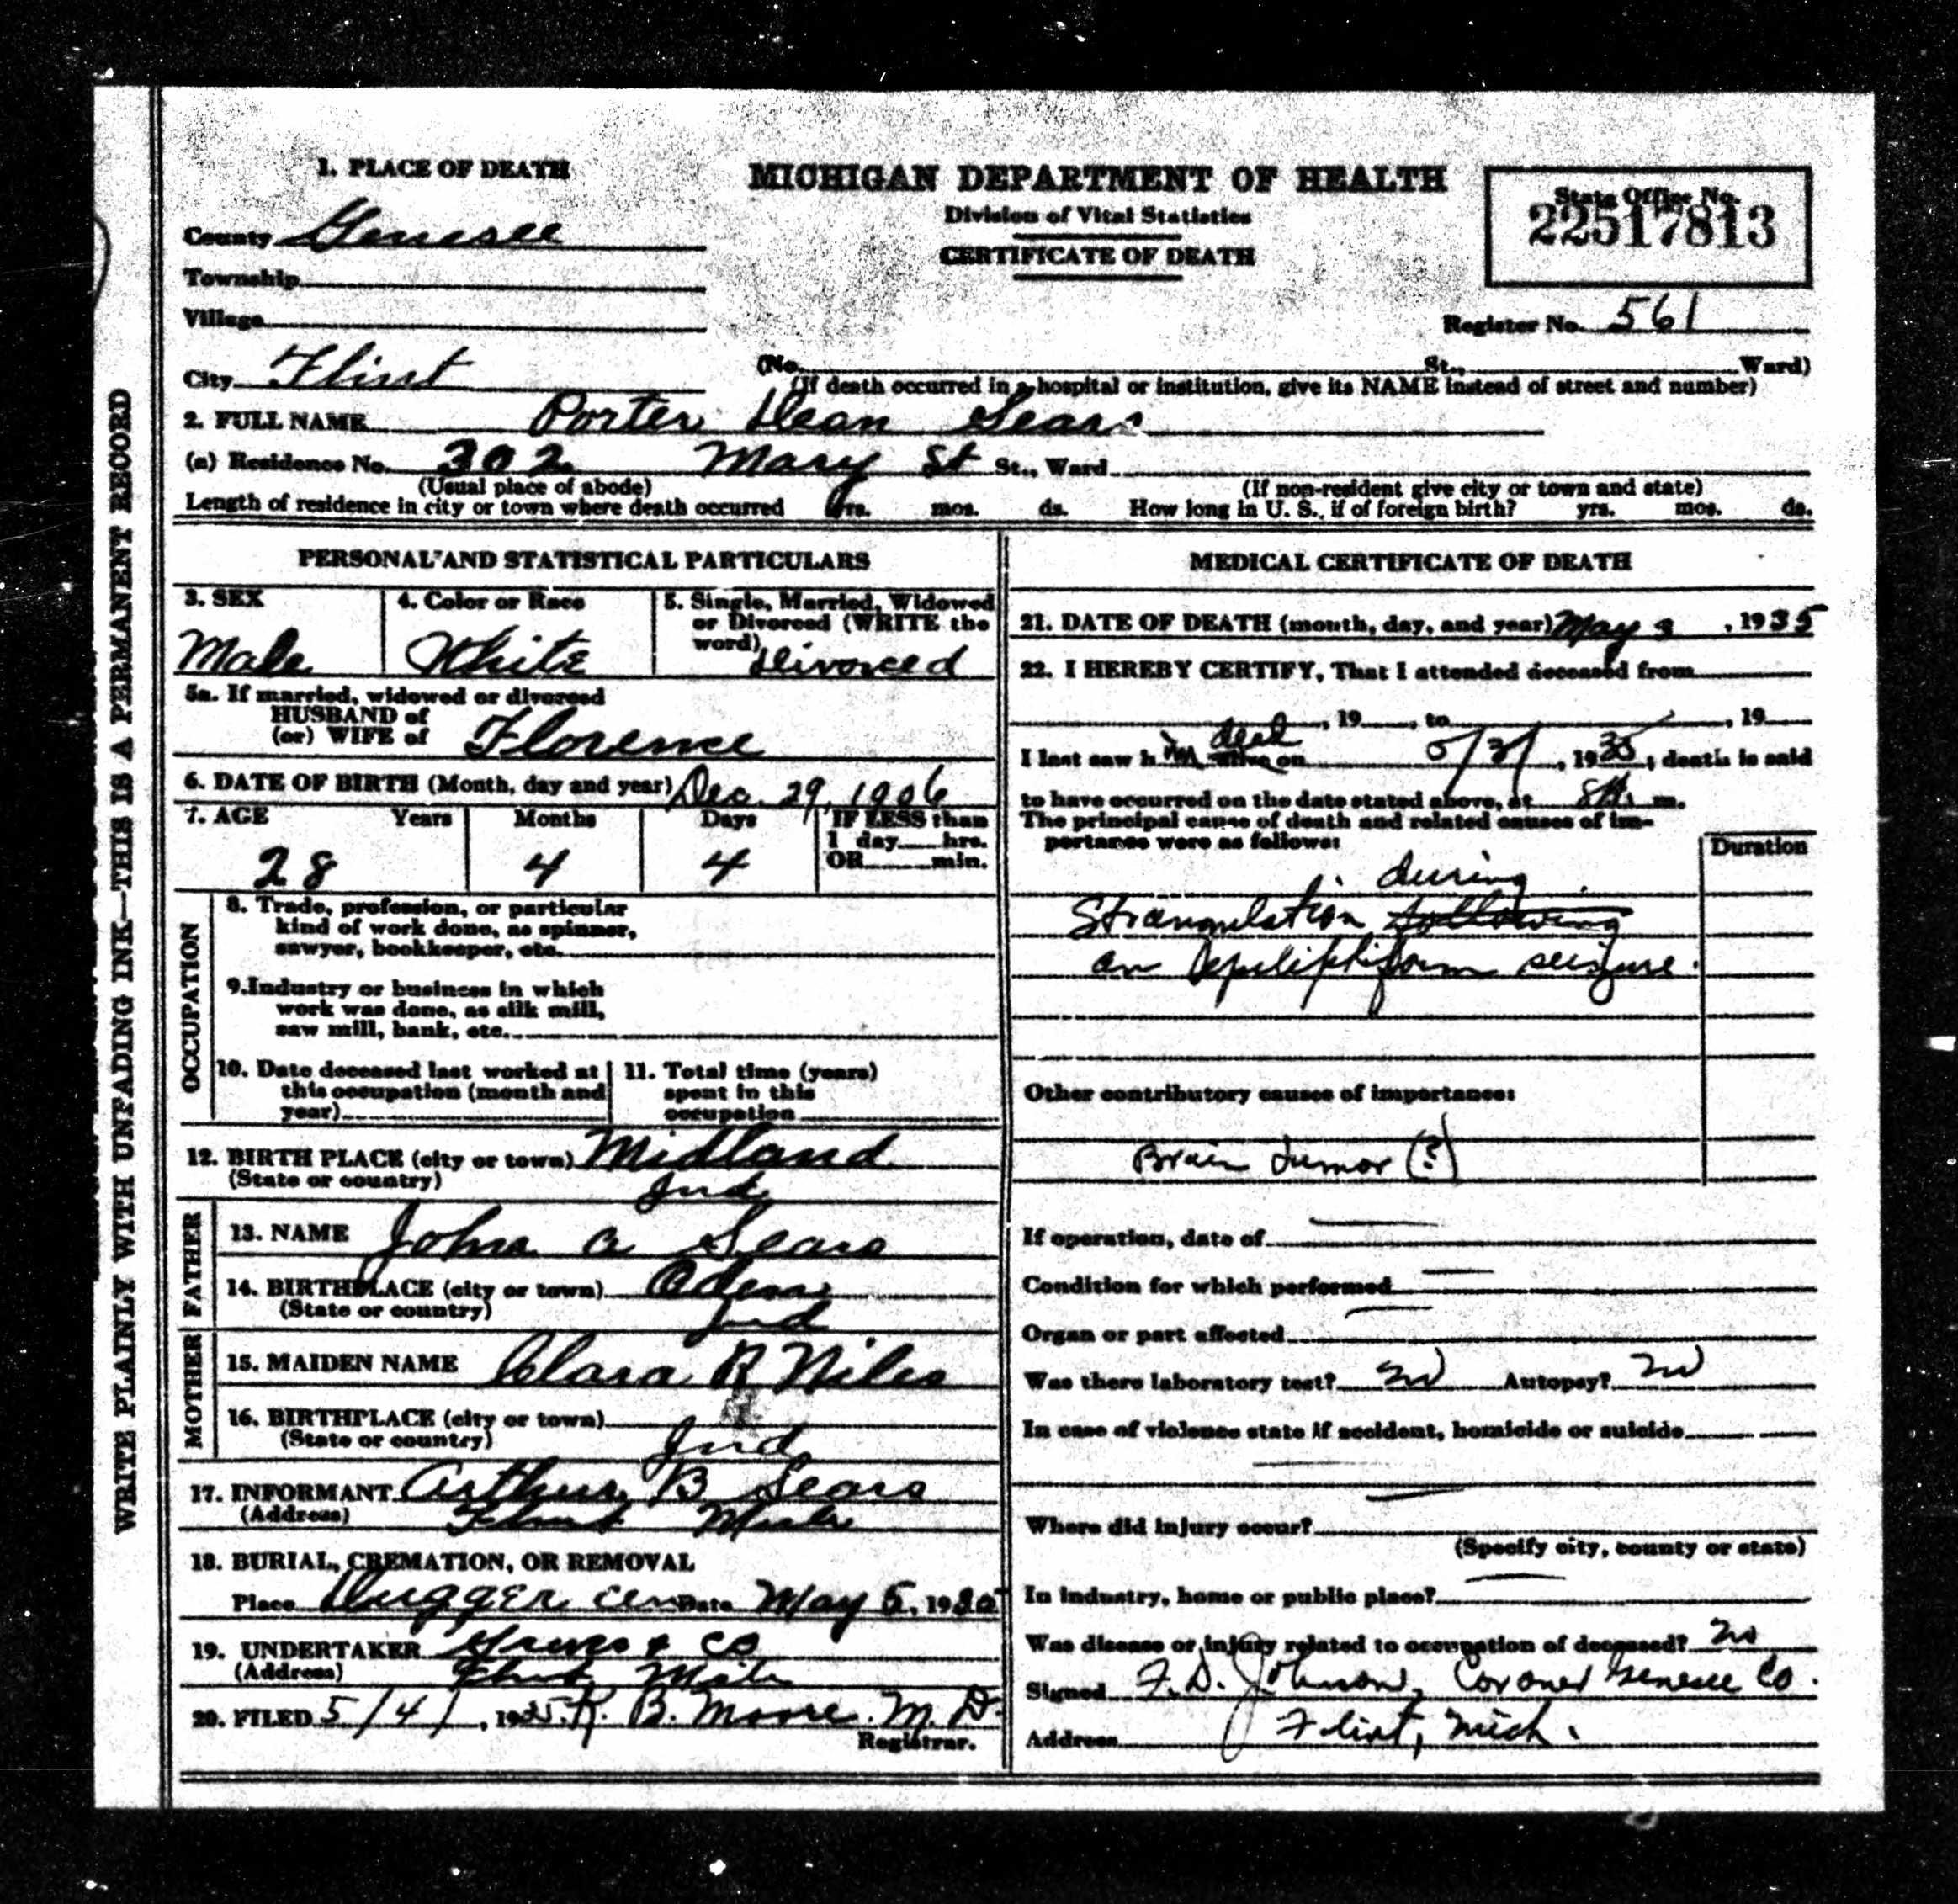 Porter Dean Sears (1906-1935) Certificate of Death